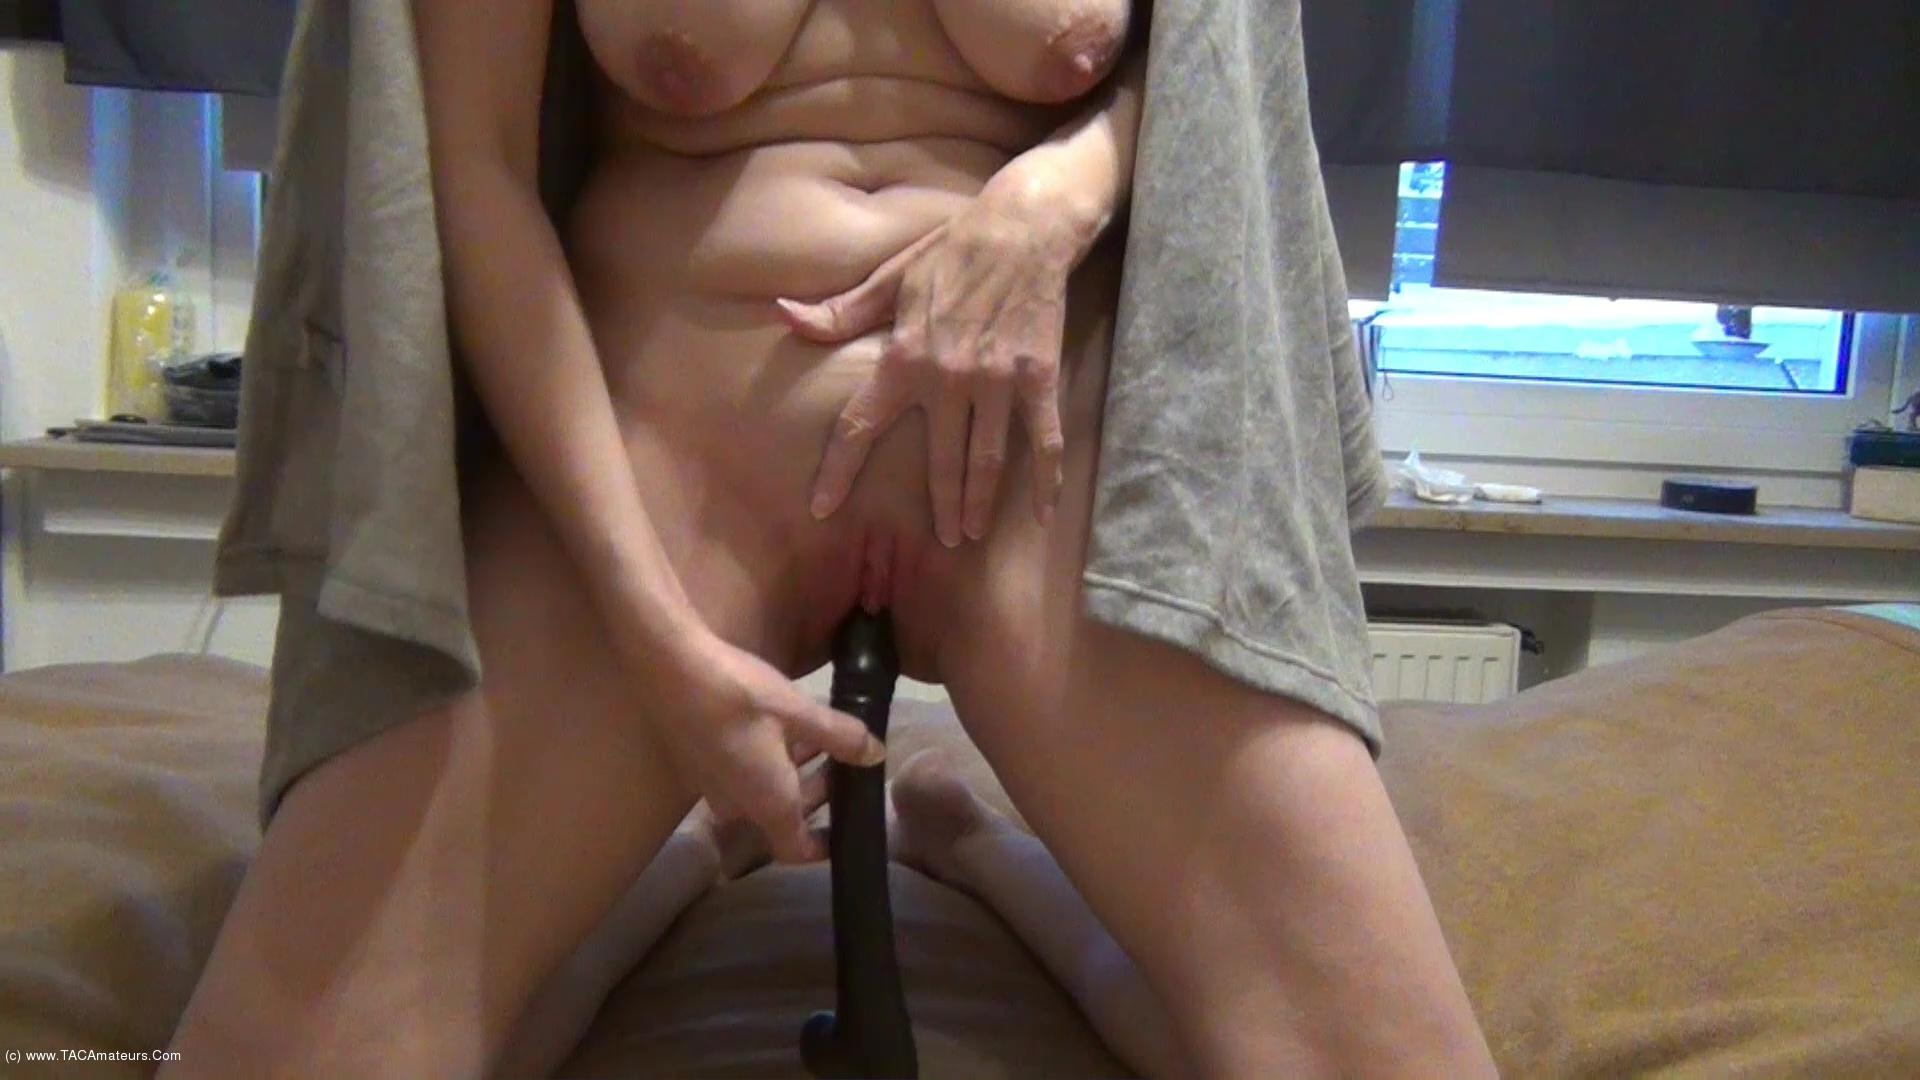 HotMilf - Dildo & Cock scene 3